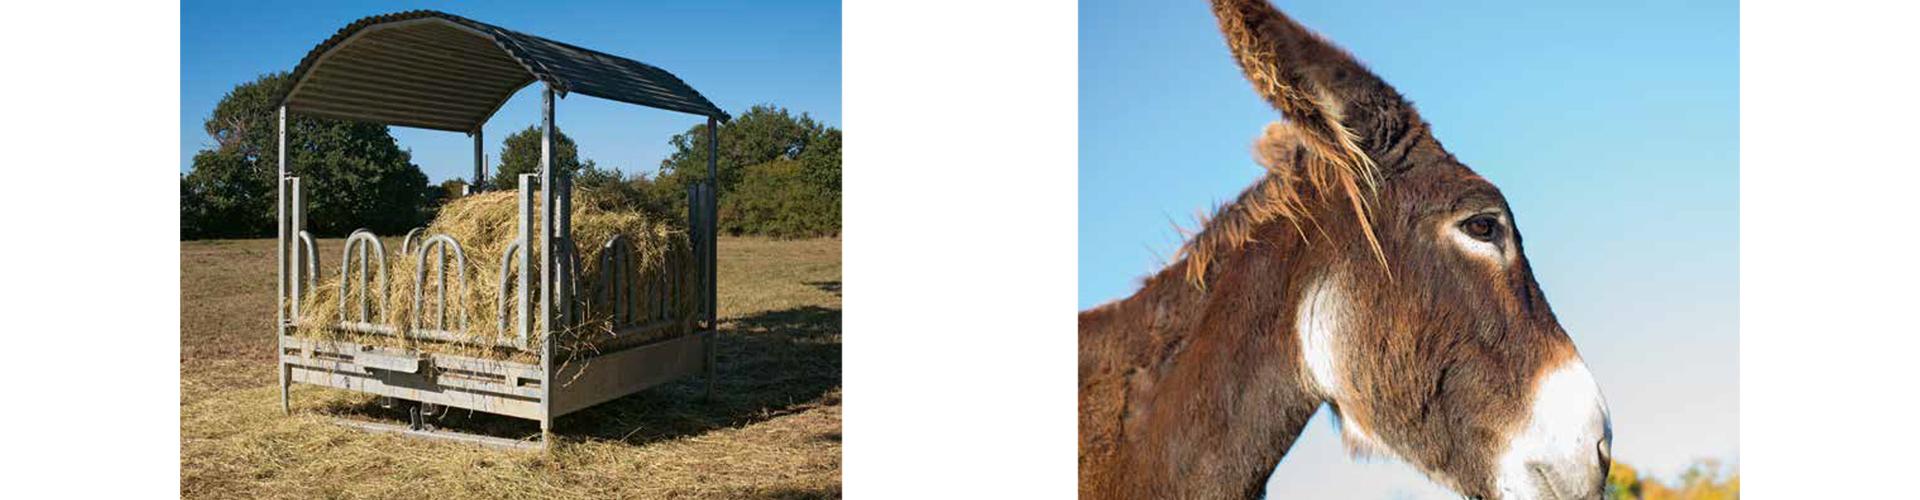 Mijn eerste fotoboek op de boerderij